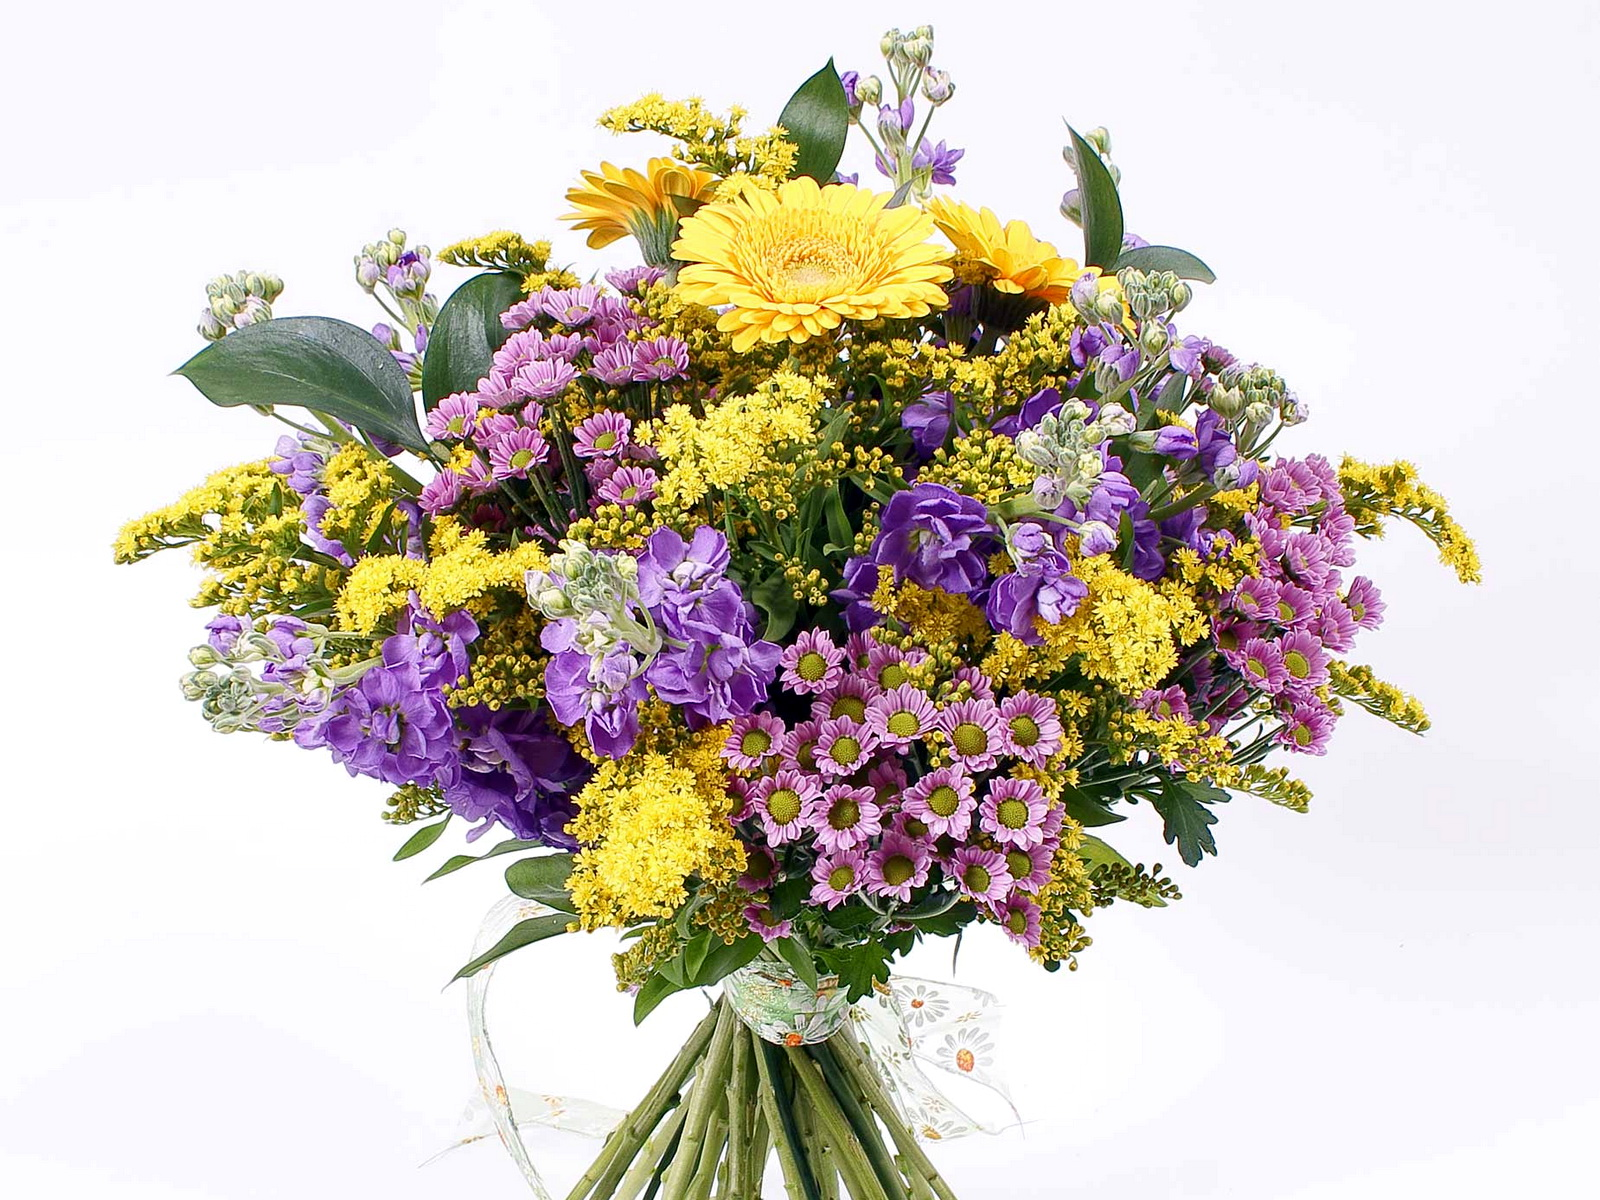 ᐈ Ramos de flores silvestres fotos de stock, imágenes ...